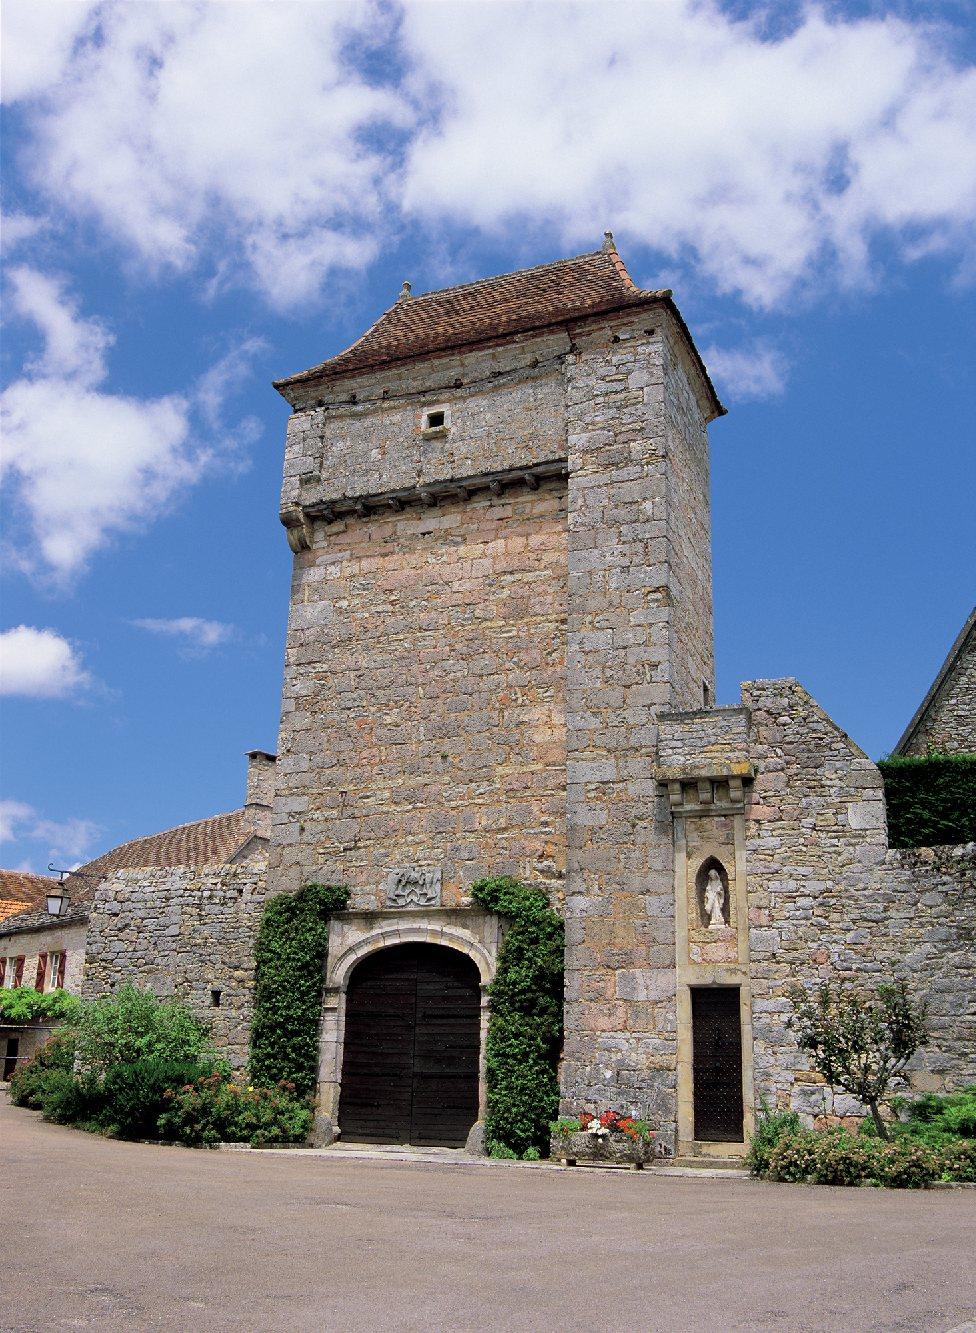 Les plus beaux villages de France  - Page 4 Loubre12